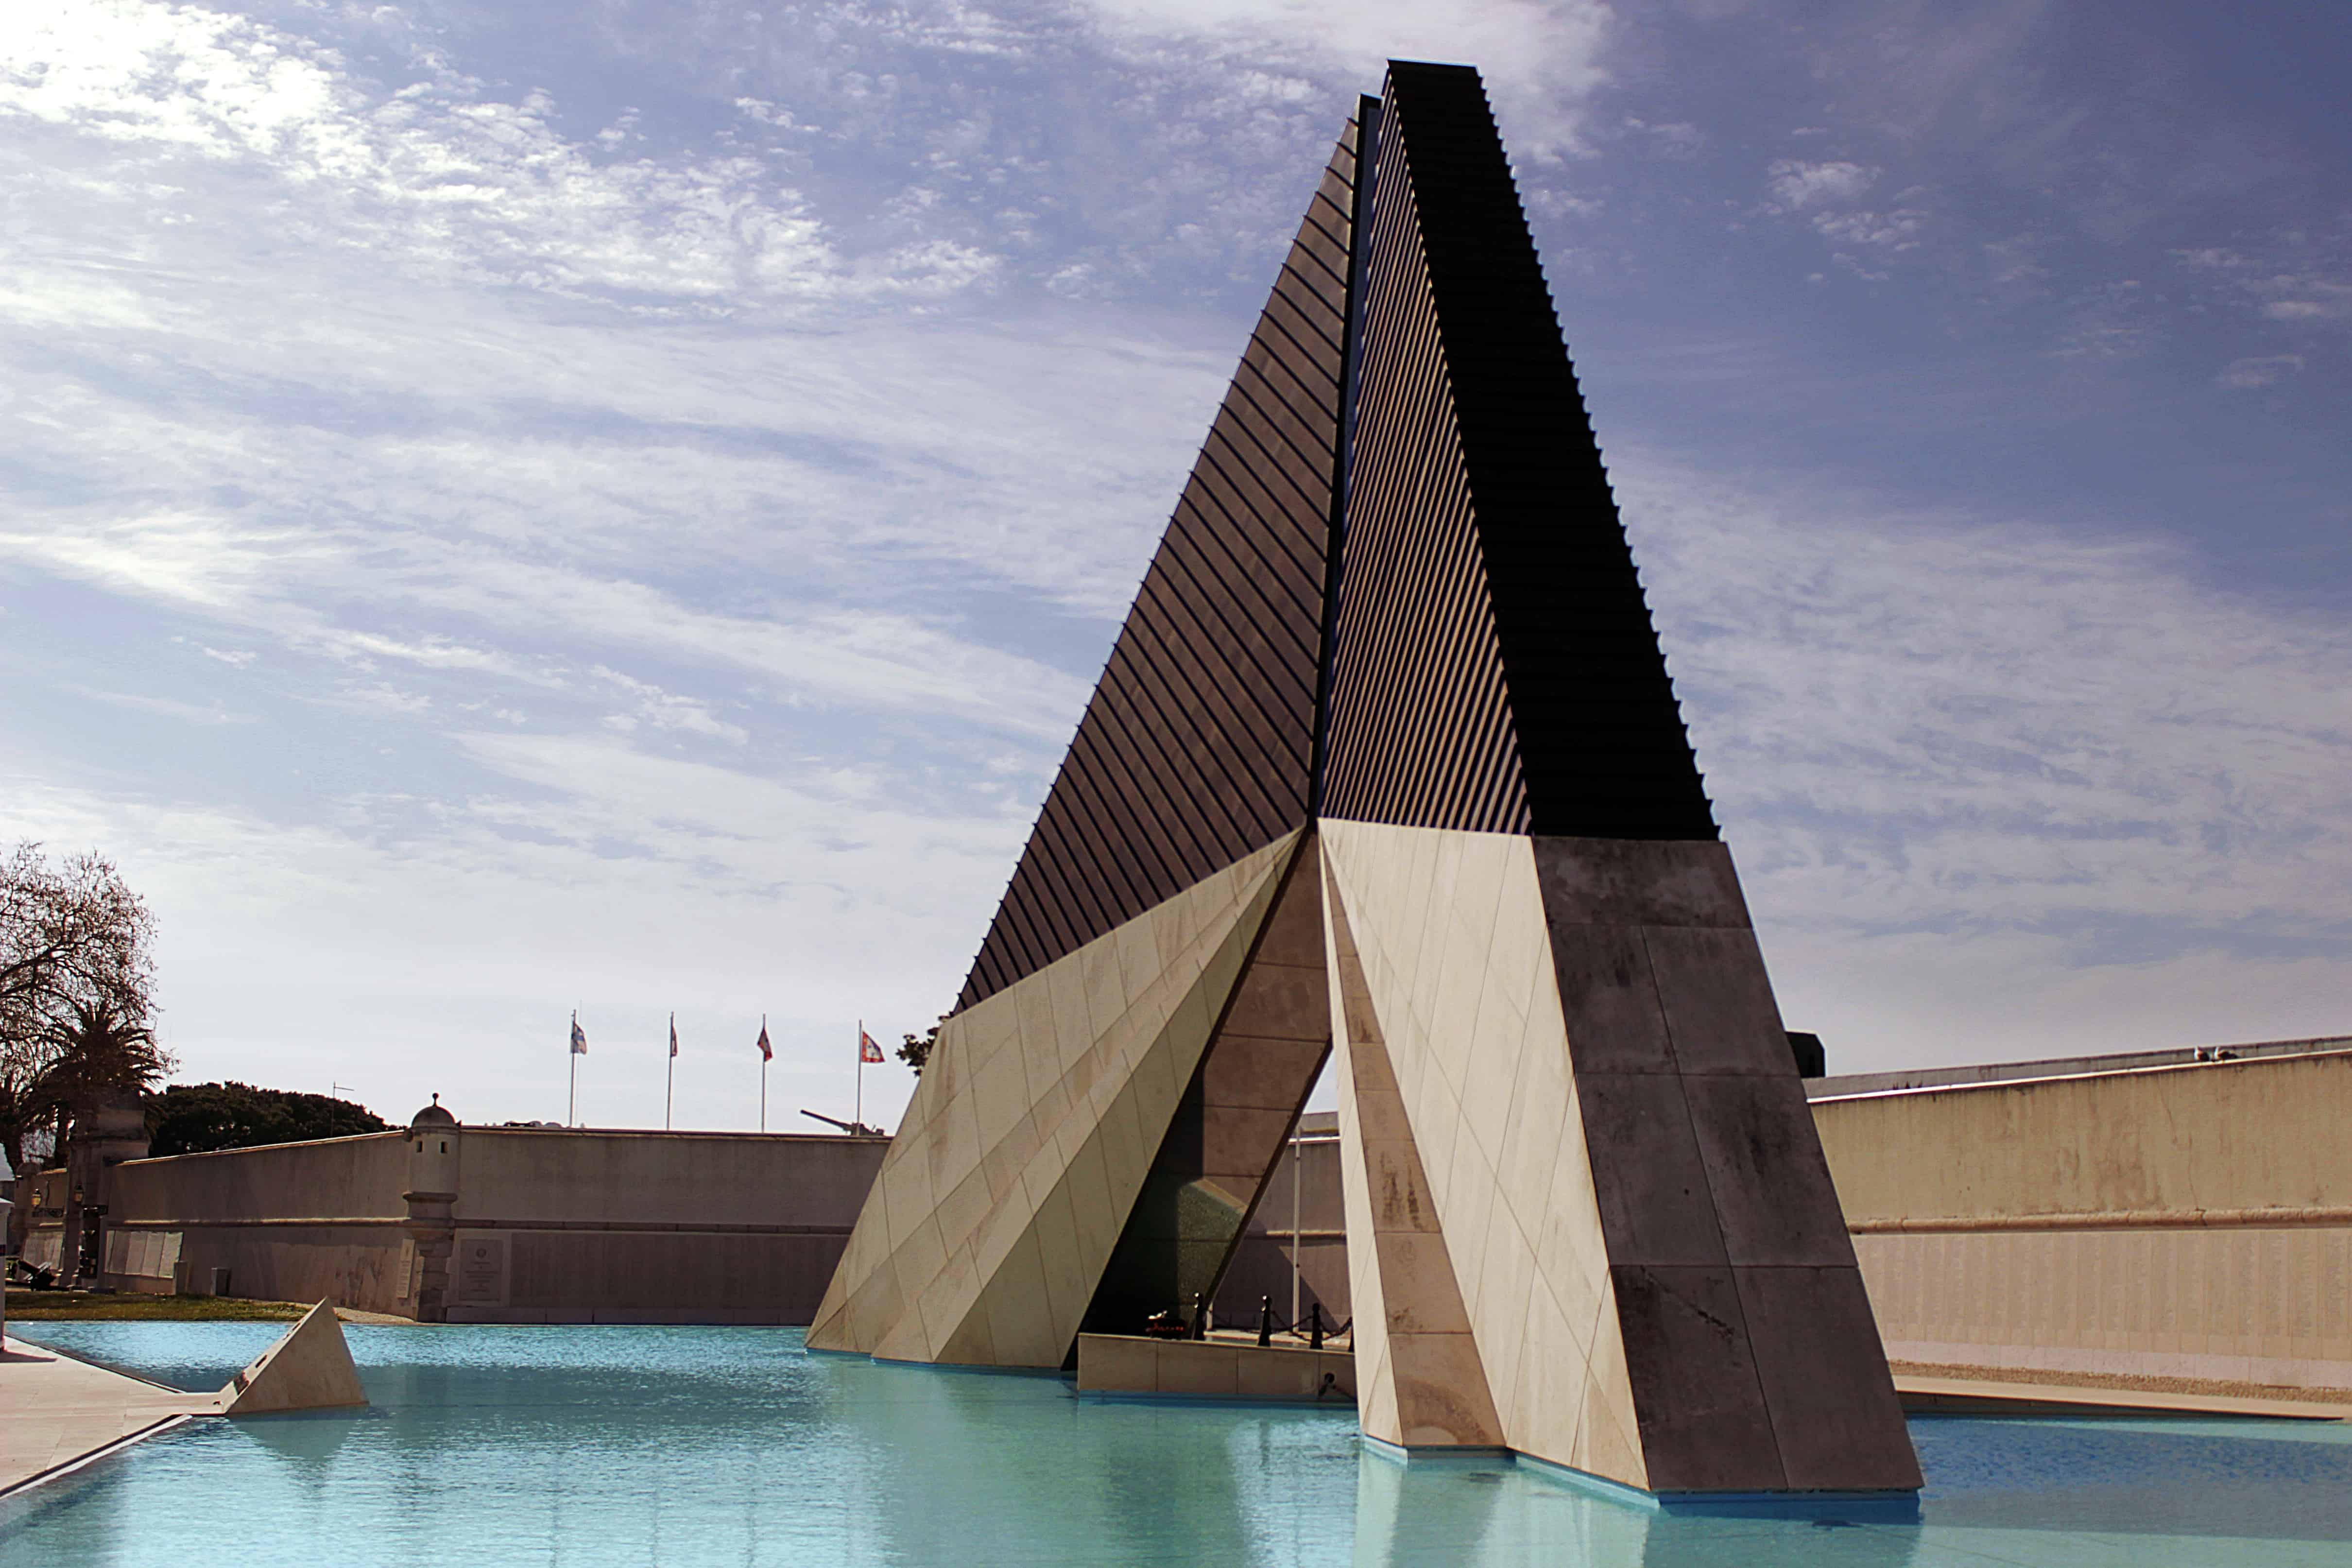 El Museu do Combatente and Aos Combatentes do Ultramar